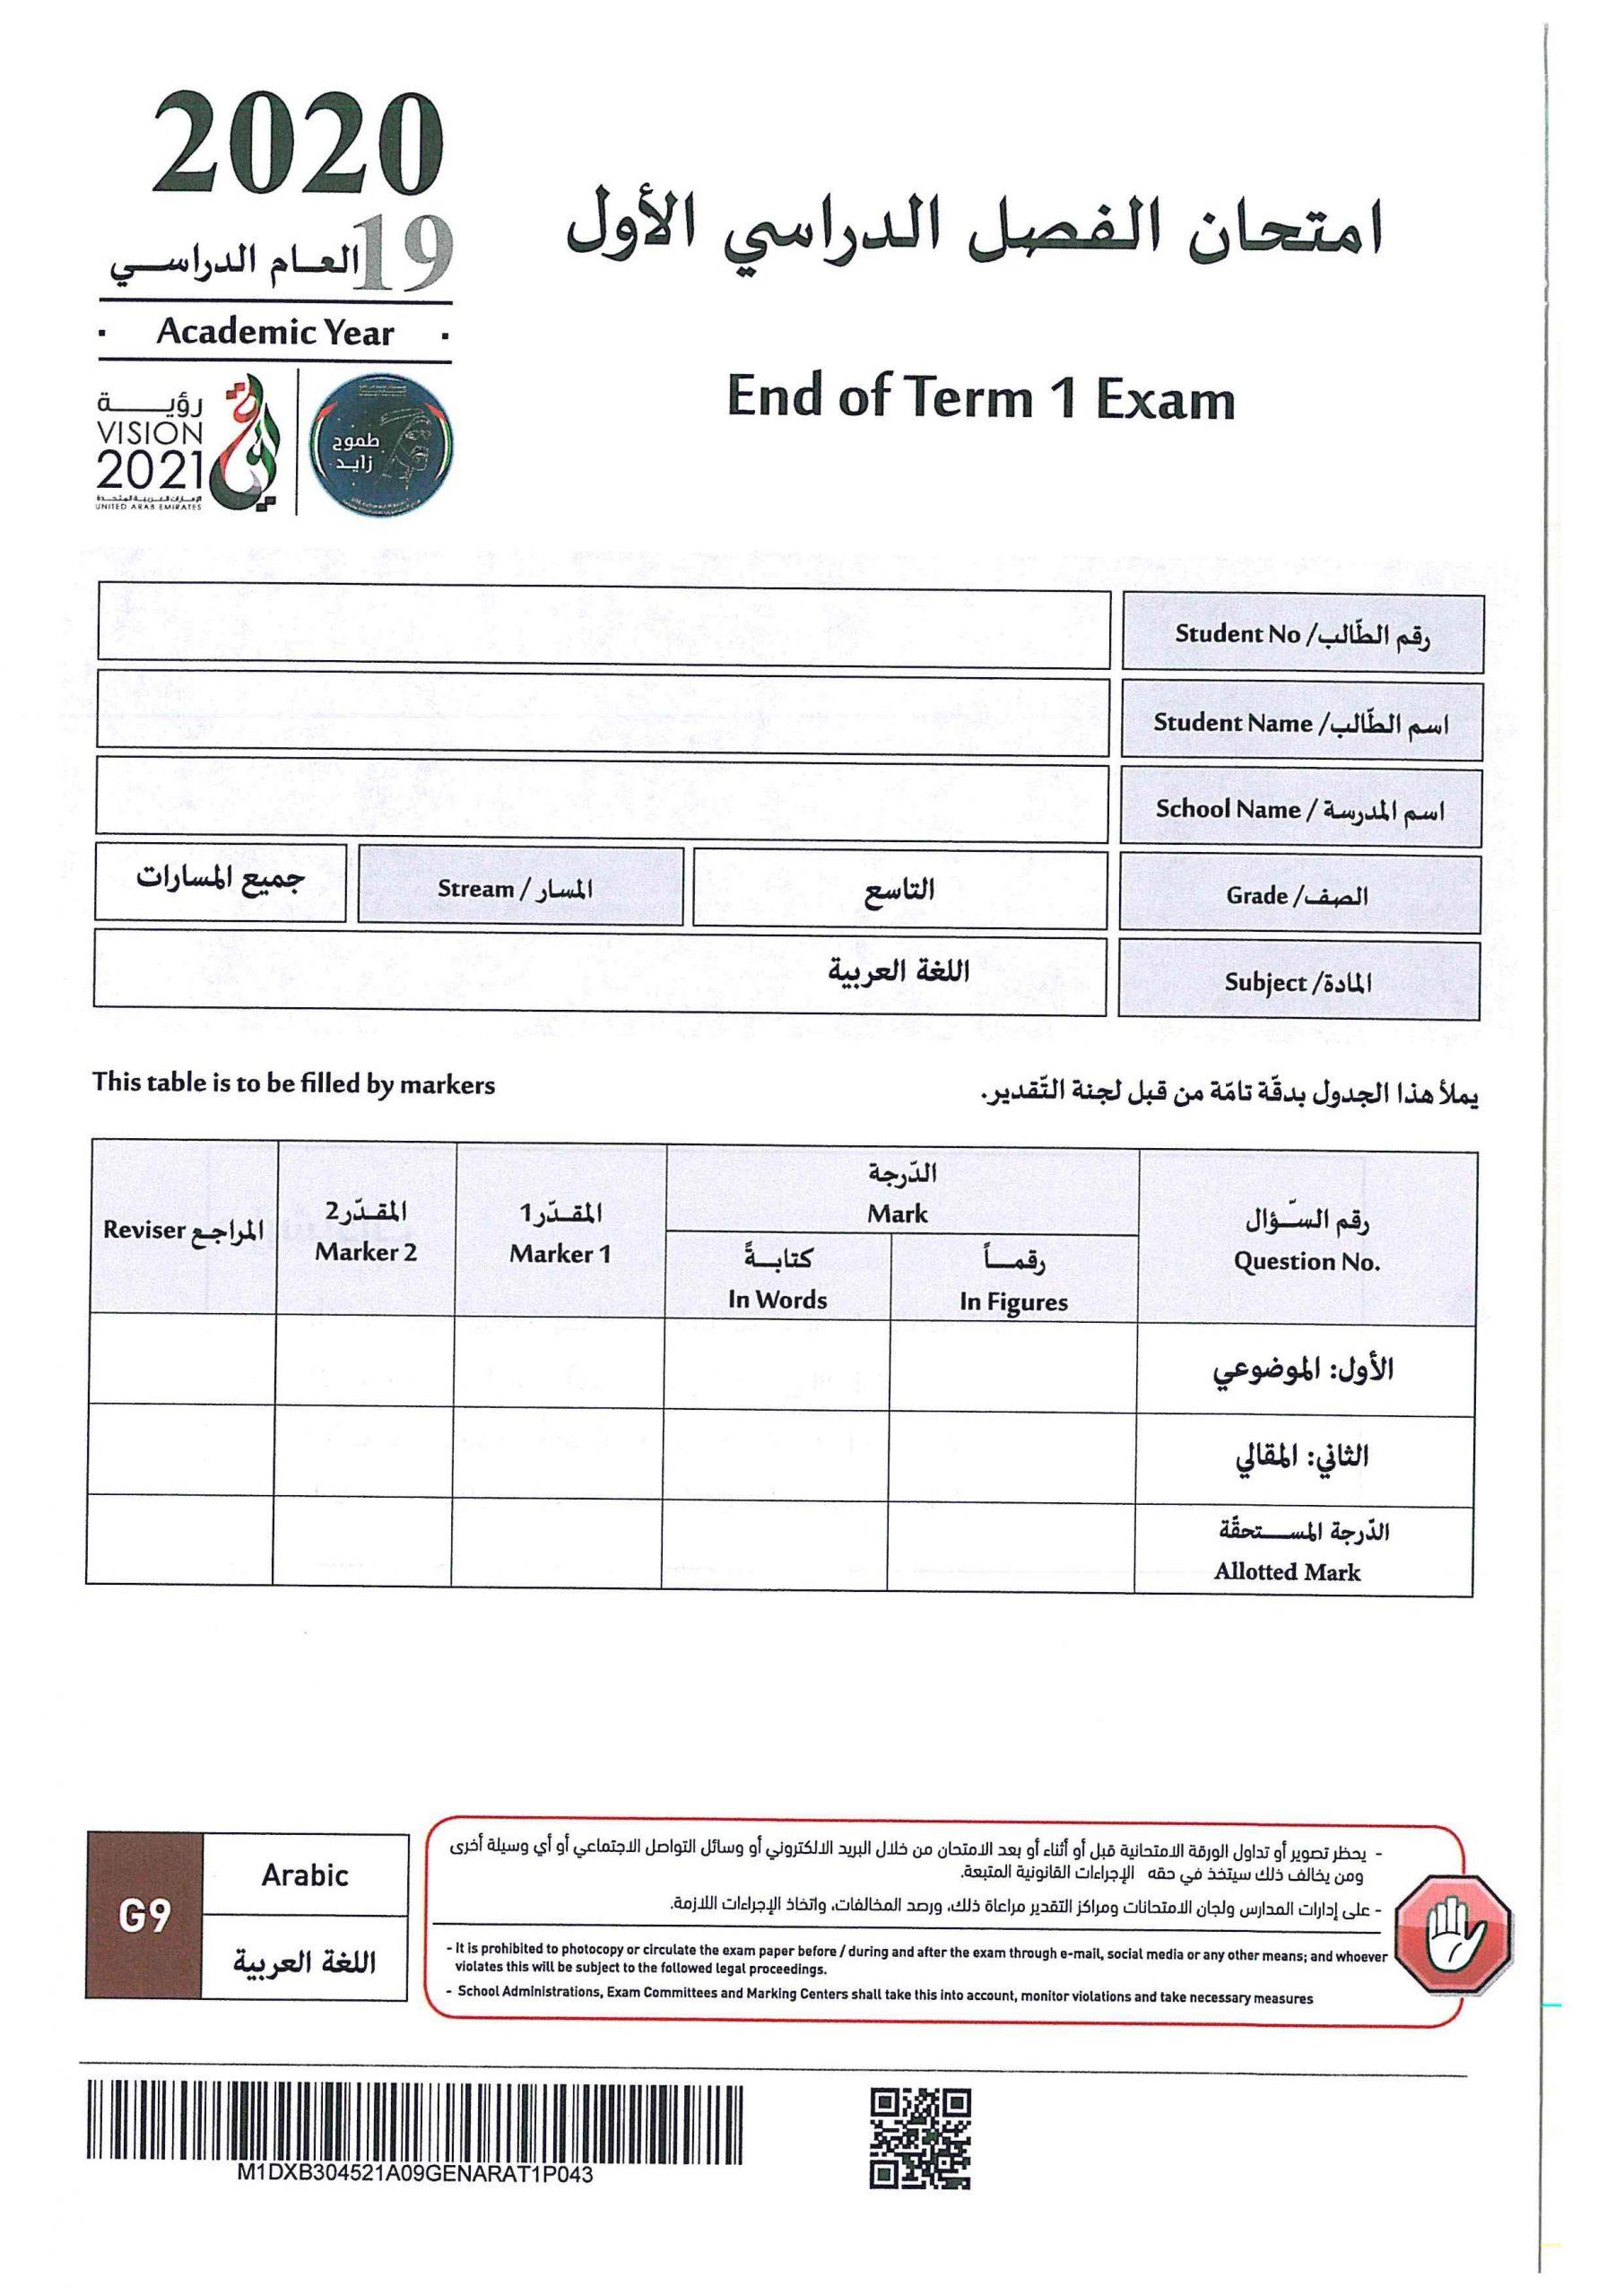 امتحان نهاية الفصل الدراسي الاول 2019-2020 الصف التاسع مادة اللغة العربية